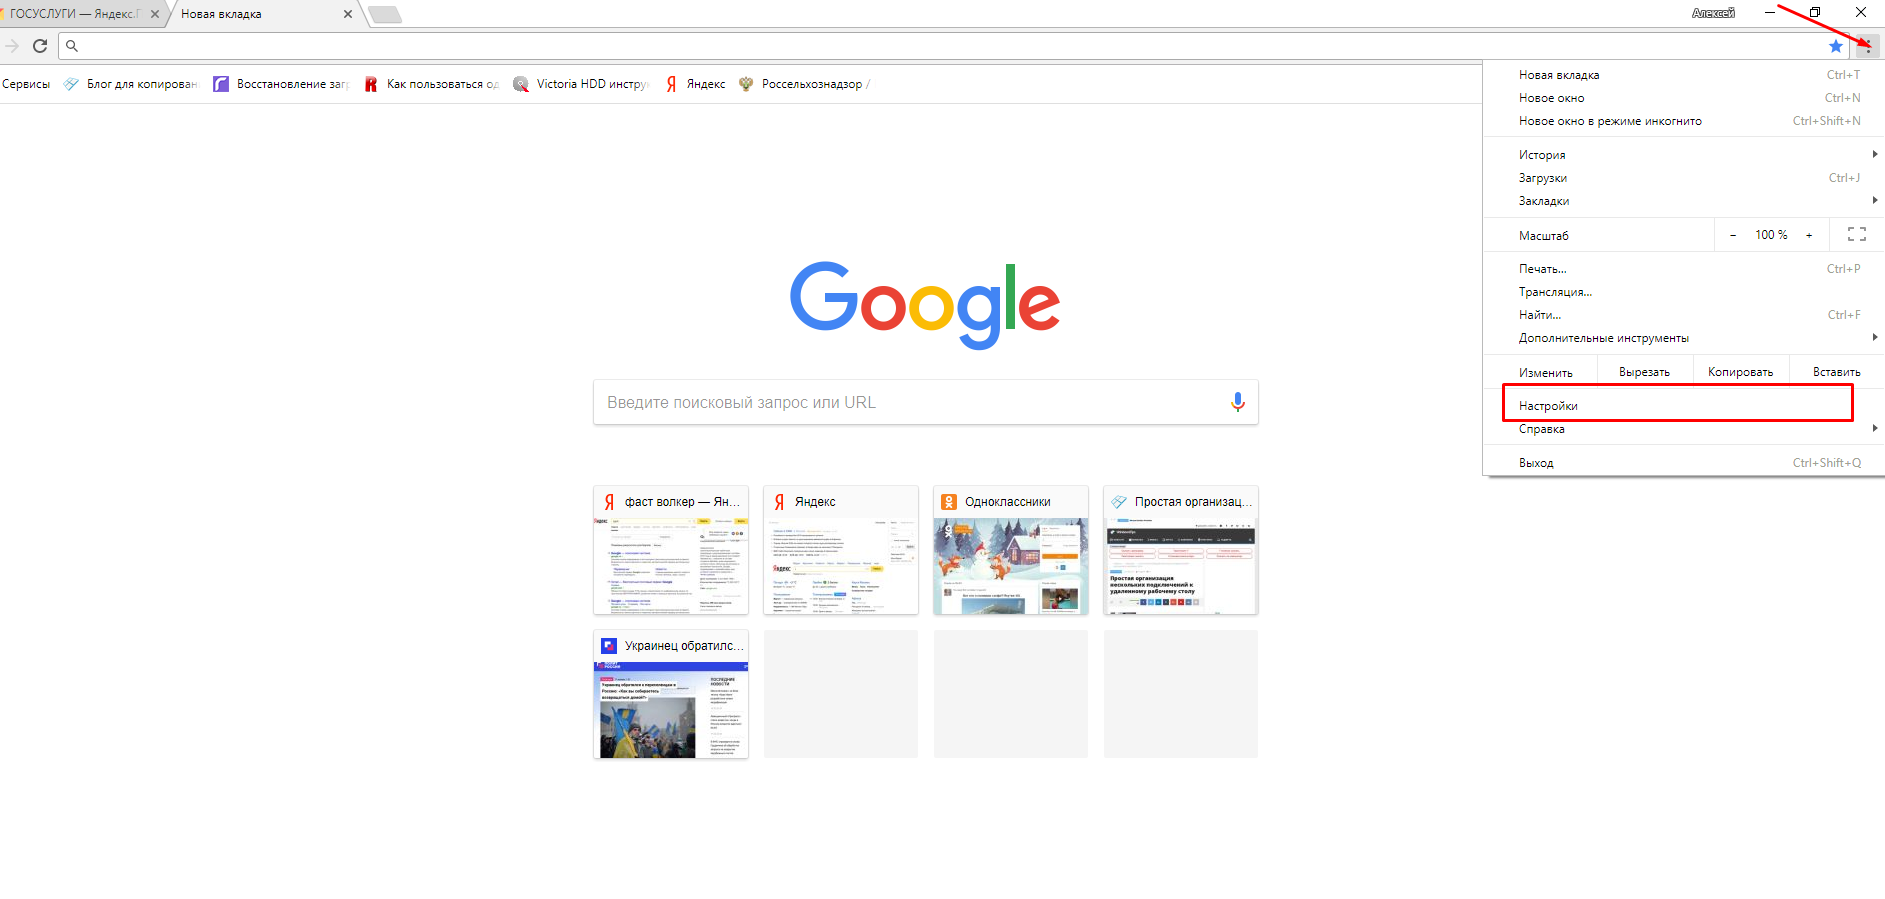 Как сделать поисковиком гугл а не яндекс 549